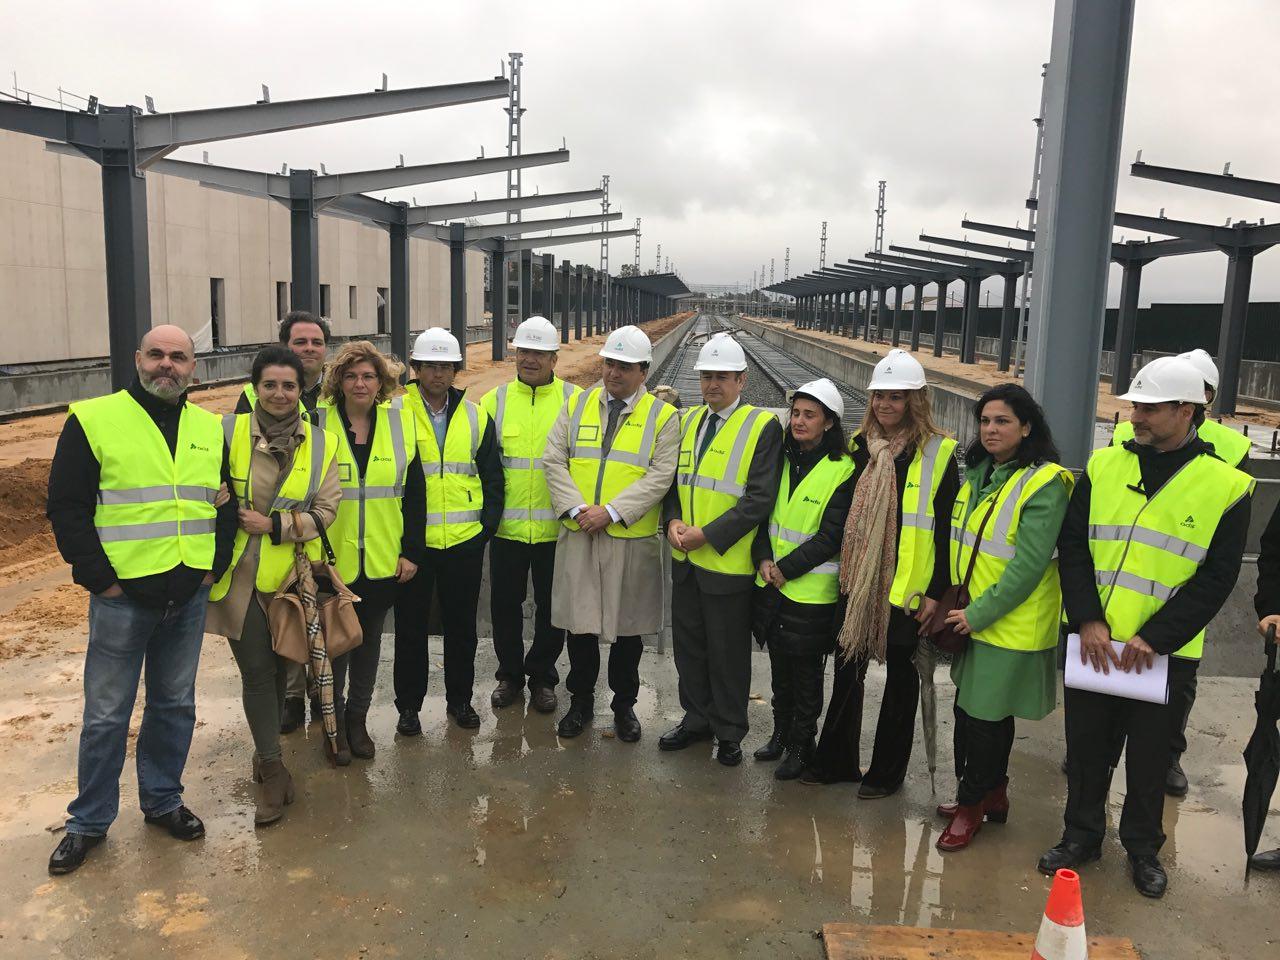 Junto al delegado del Gobierno y la subdelegada en Huelva, miembros de la Corporación de Huelva visitaron las obras de la nueva estación.